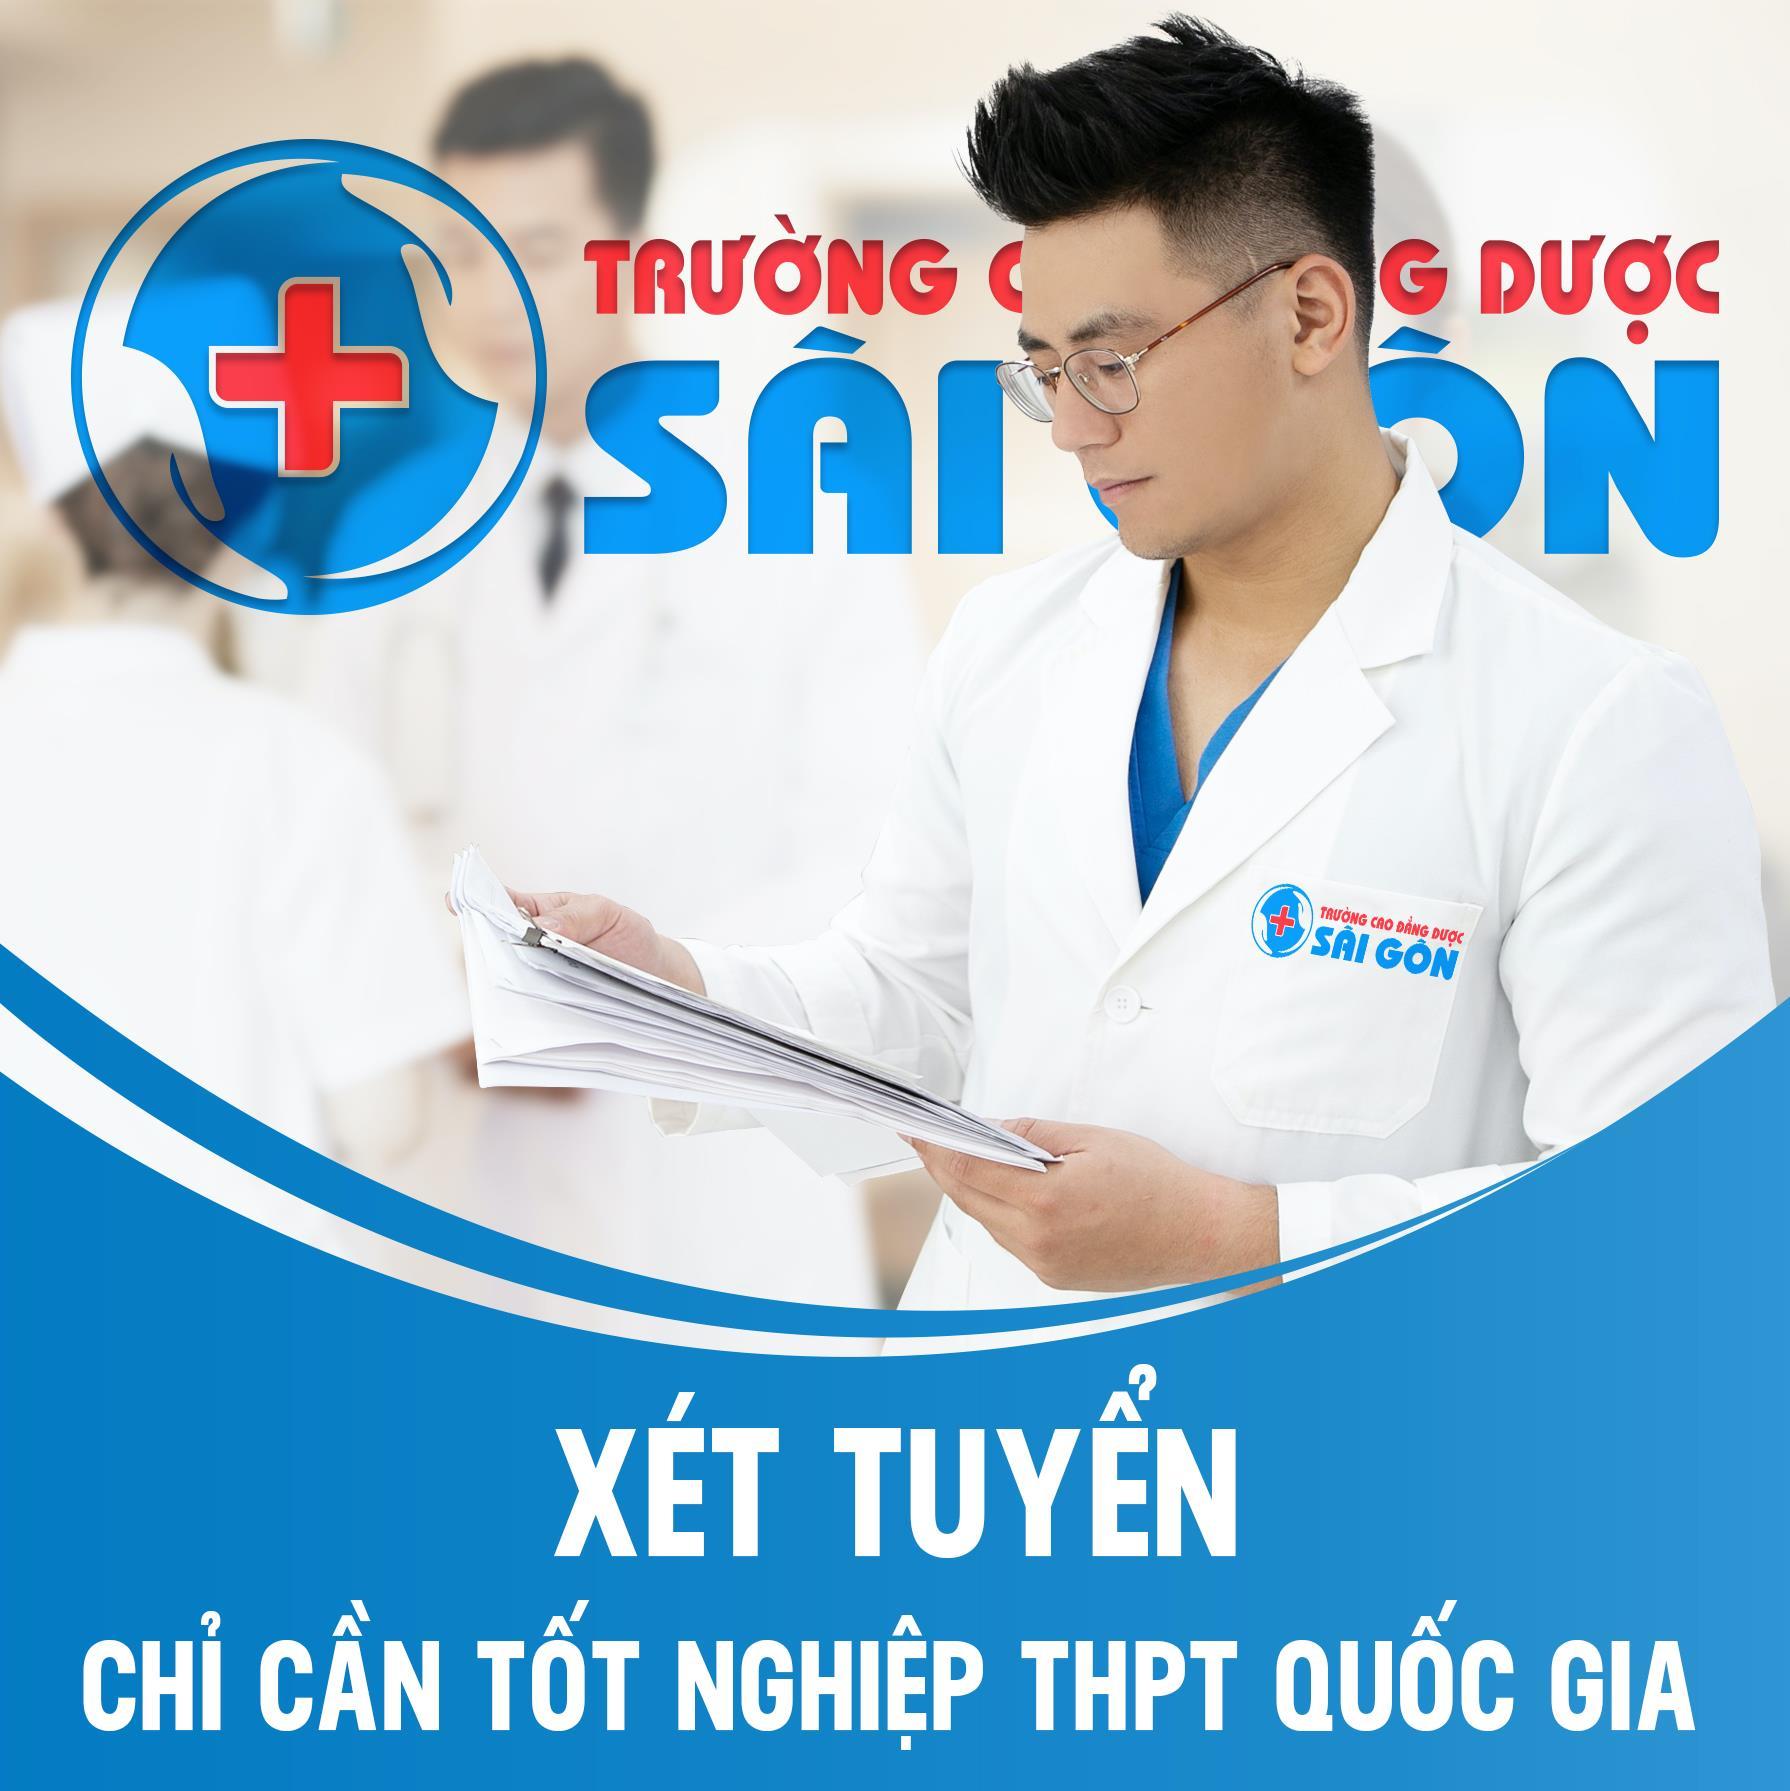 Trường Cao đẳng Dược Sài Gòn miễn 100% học phí ngành y dược năm học 2020 - Ảnh 2